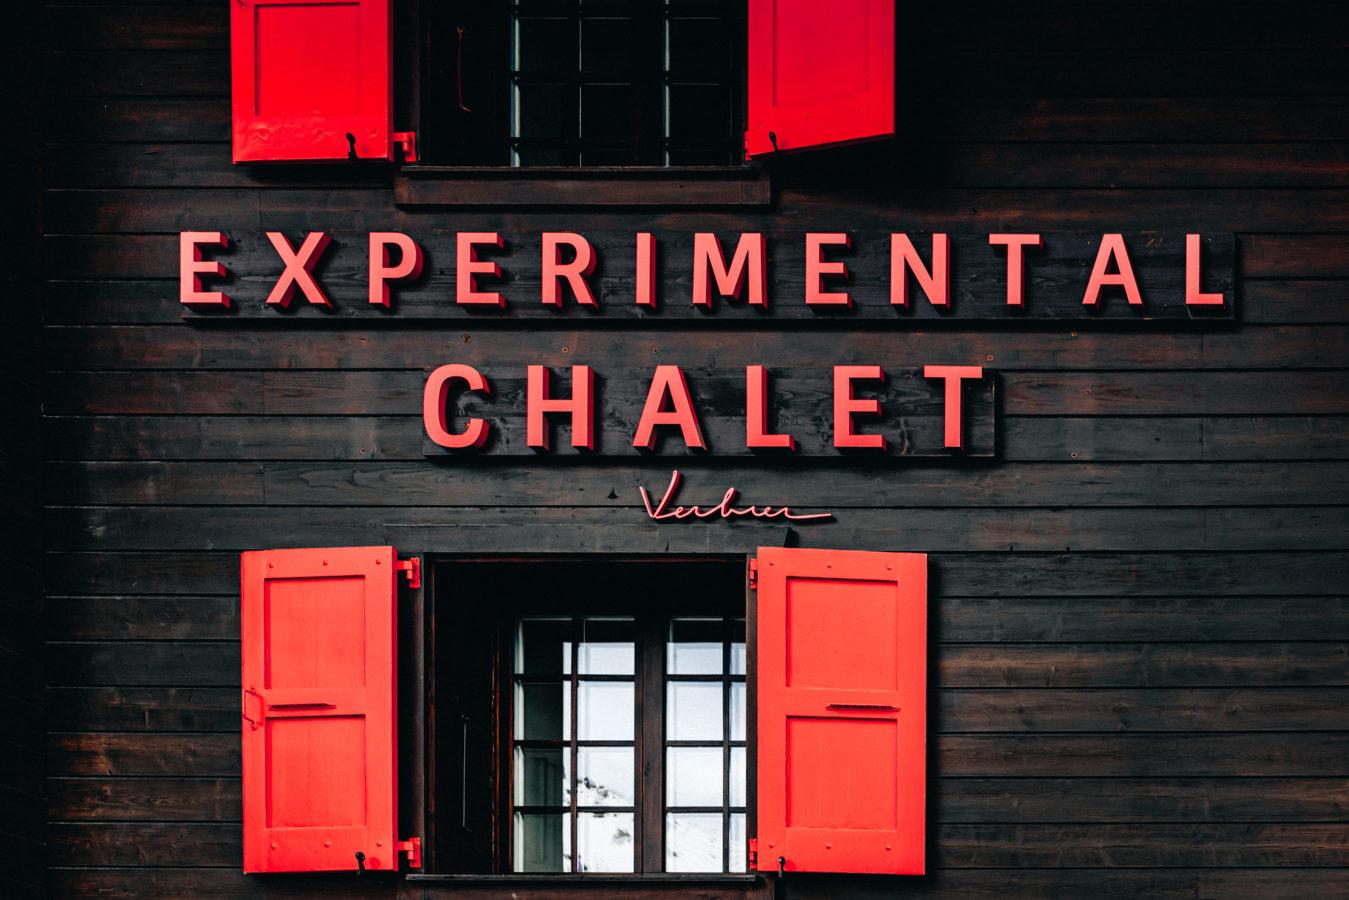 Pourquoi l'Experimental Chalet est l'hôtel à (re) découvrir absolument ?